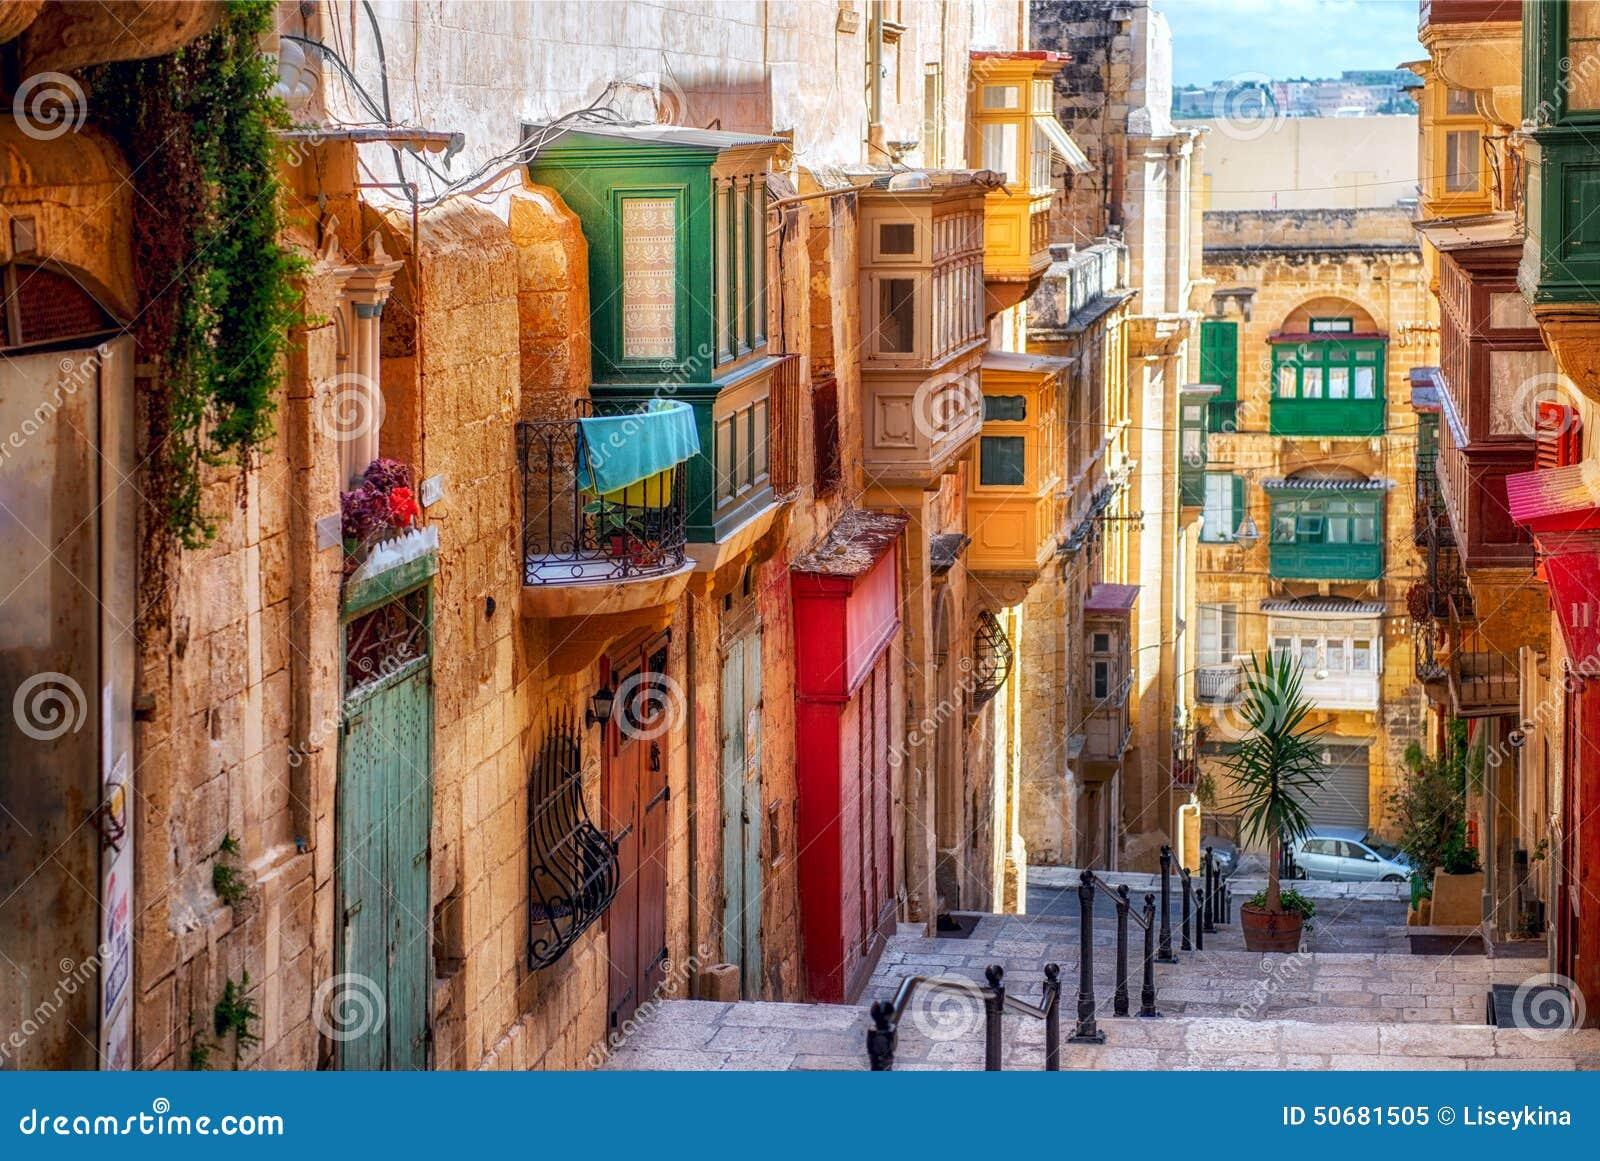 Calle de la ciudad de La Valeta